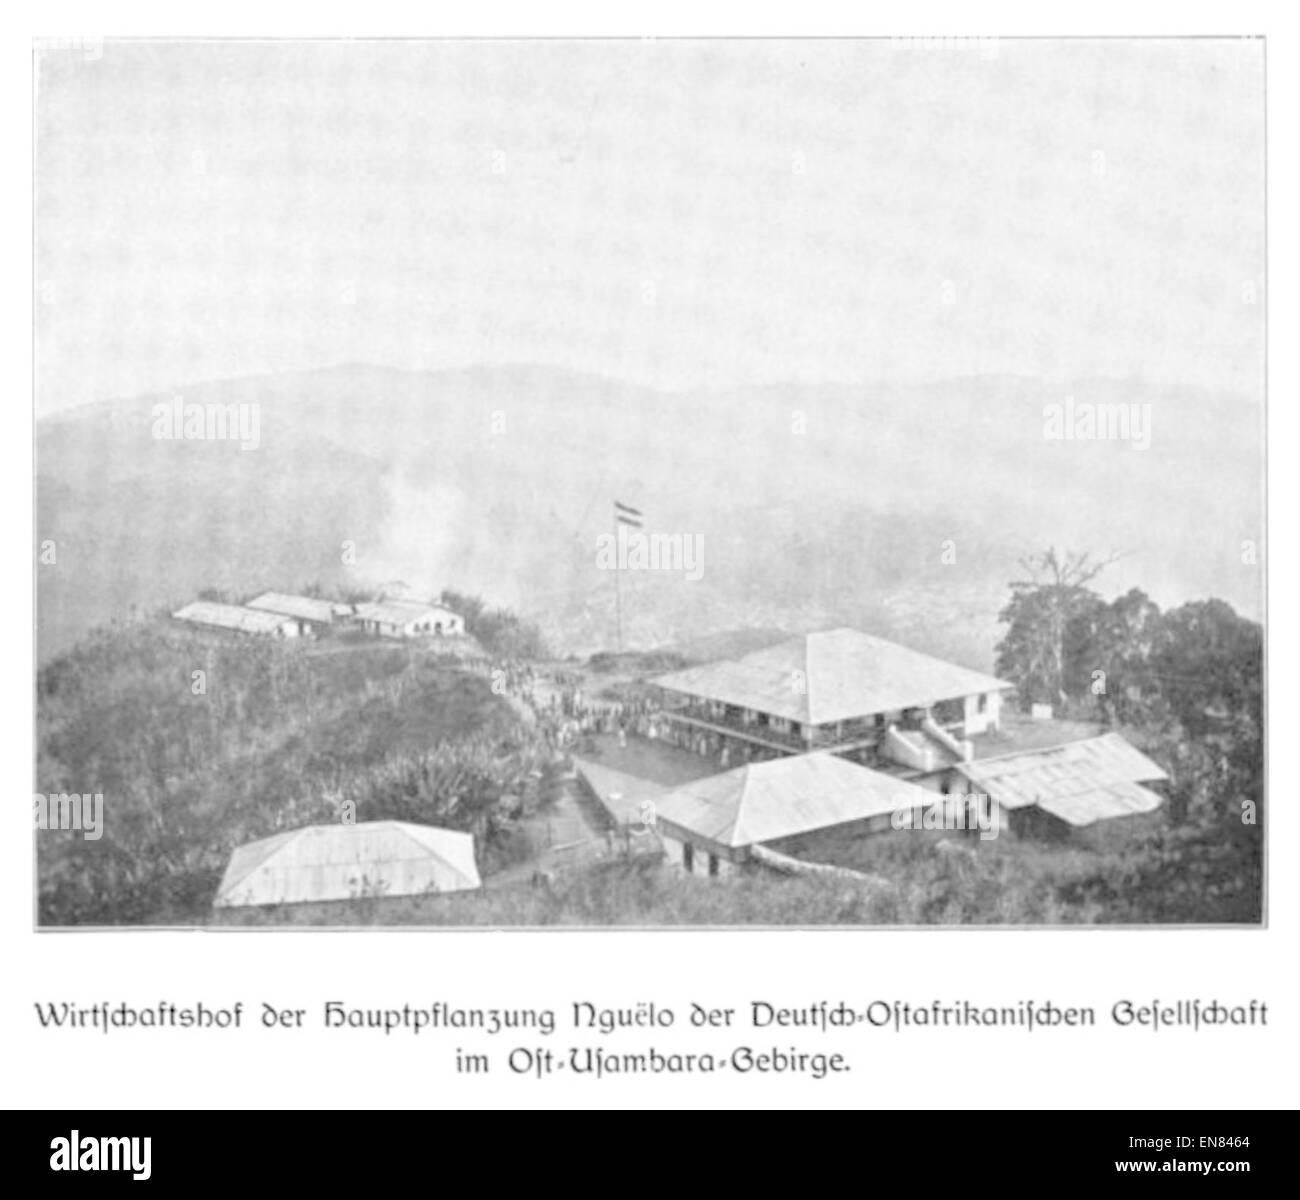 WOHLTMANN(1904) p085 Wirtschaftshof der Hauptpflanzung Nguelo der Deutsch-Ostafrikanischen-Gesellschaft - Stock Image